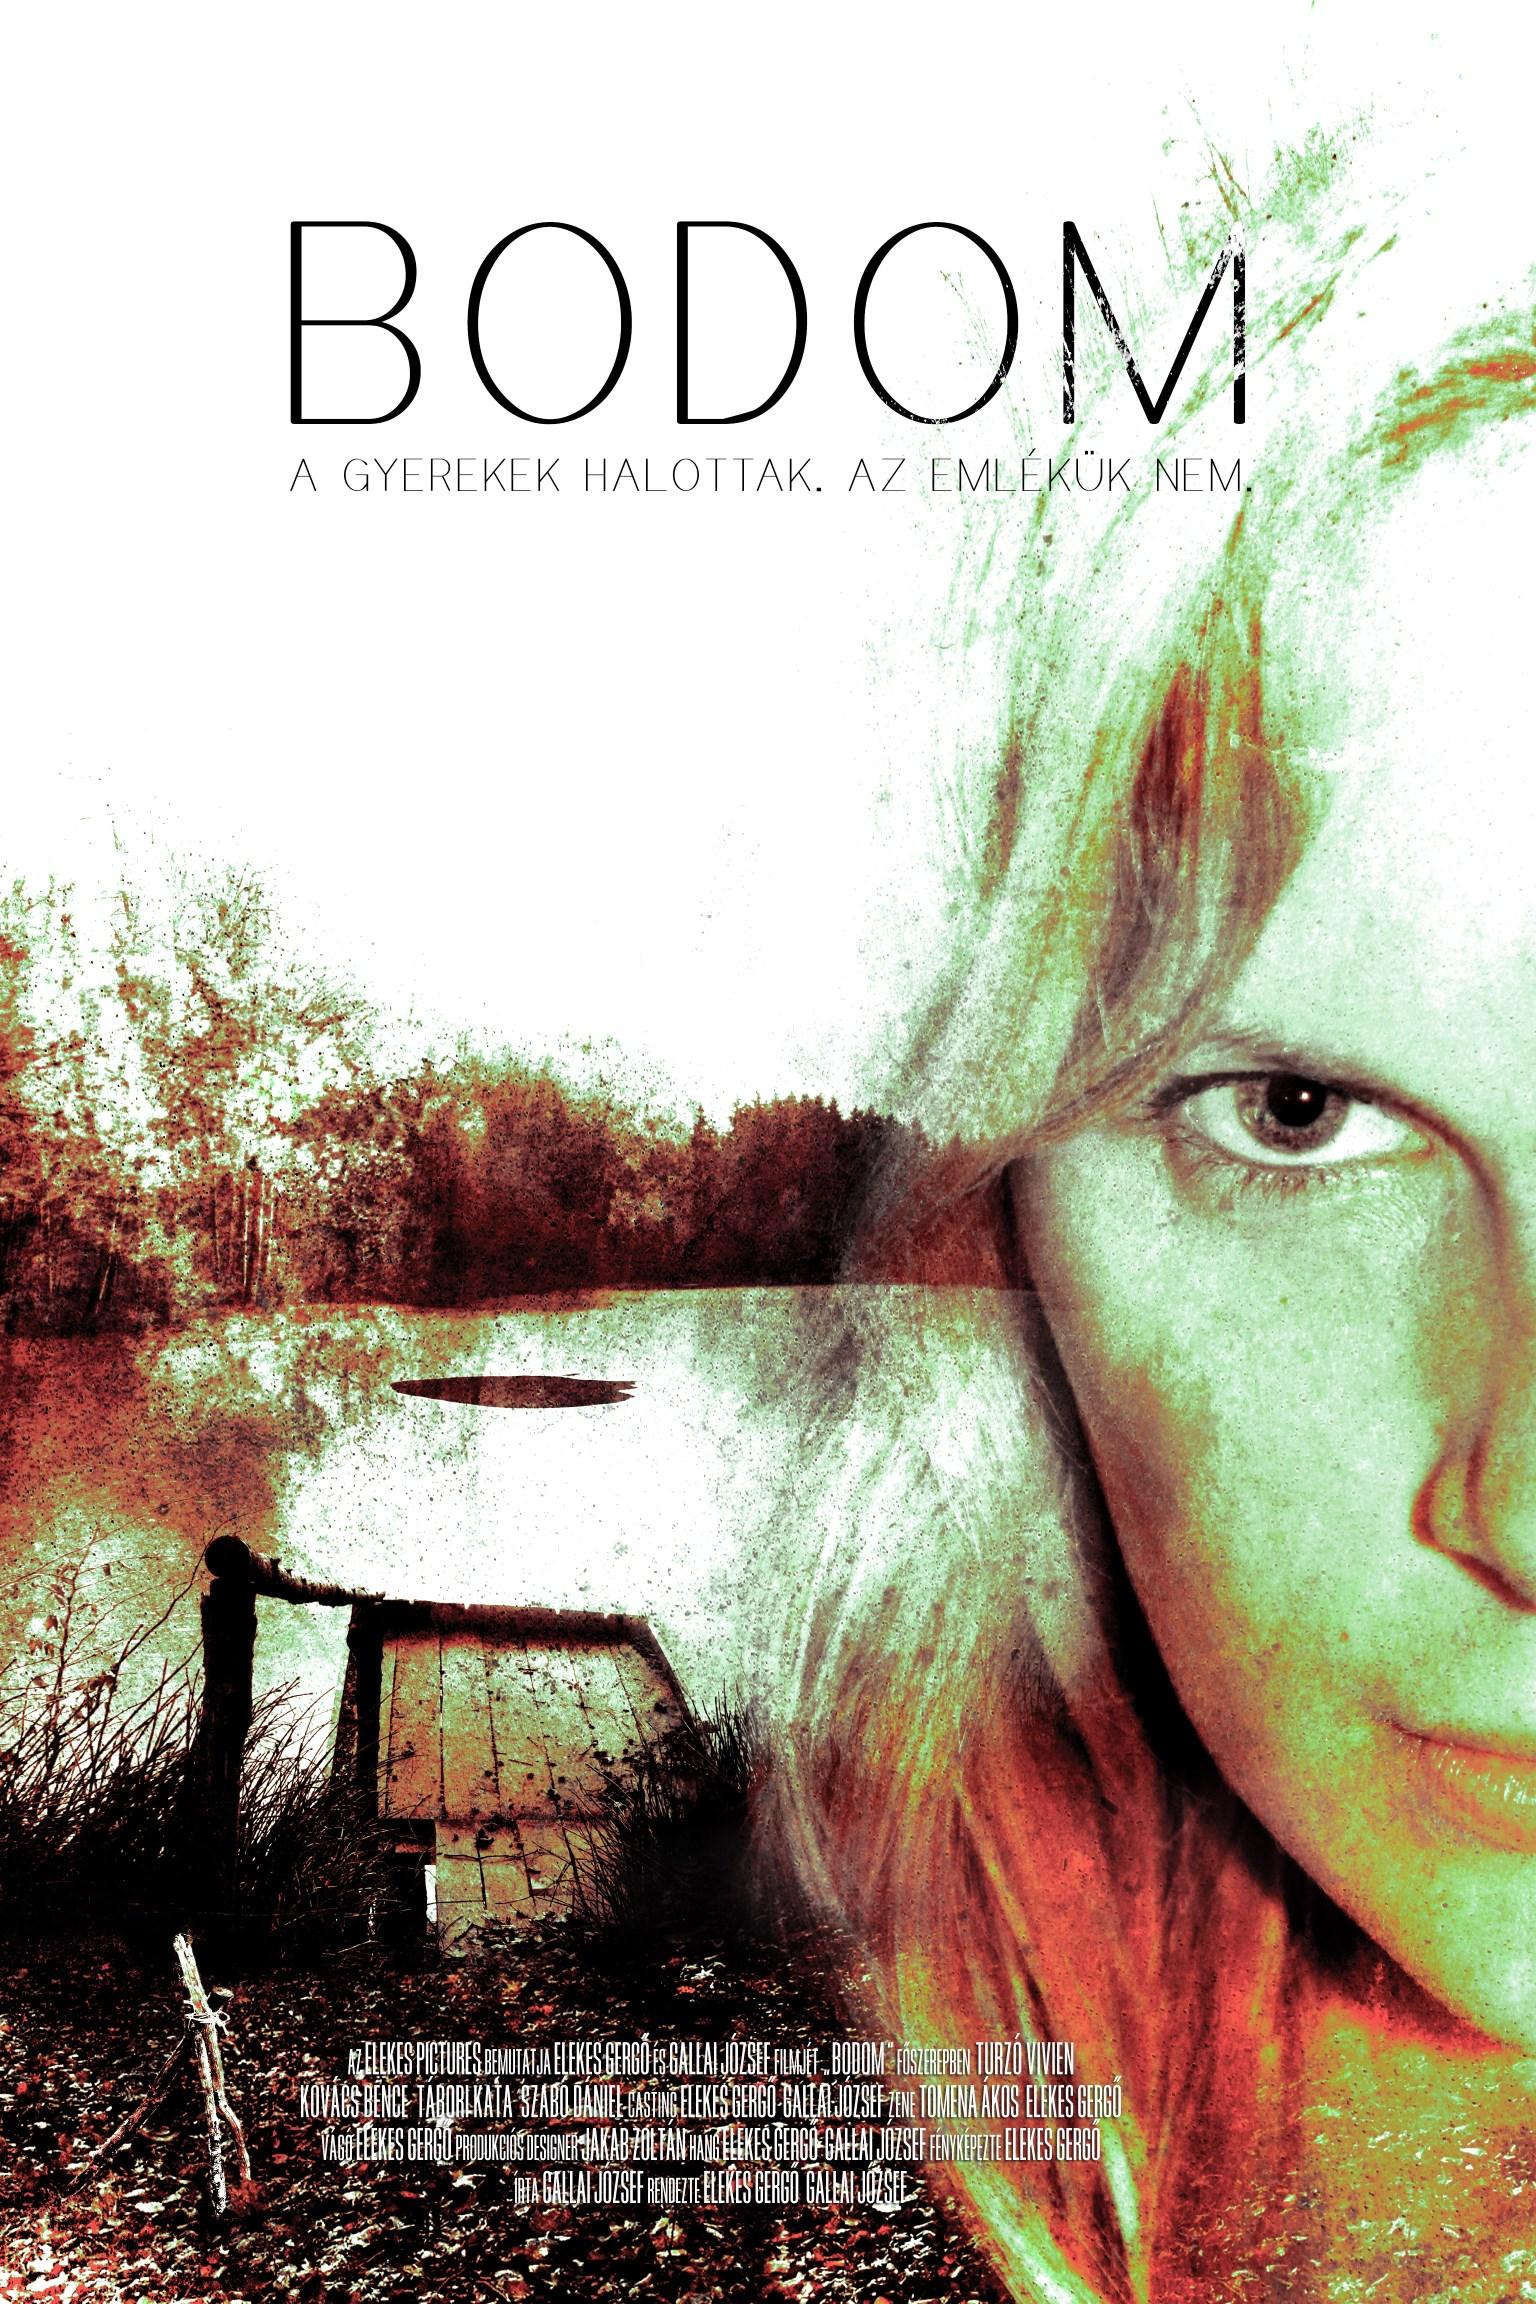 bodom_poster_final_hun (1536 x 2304).jpg